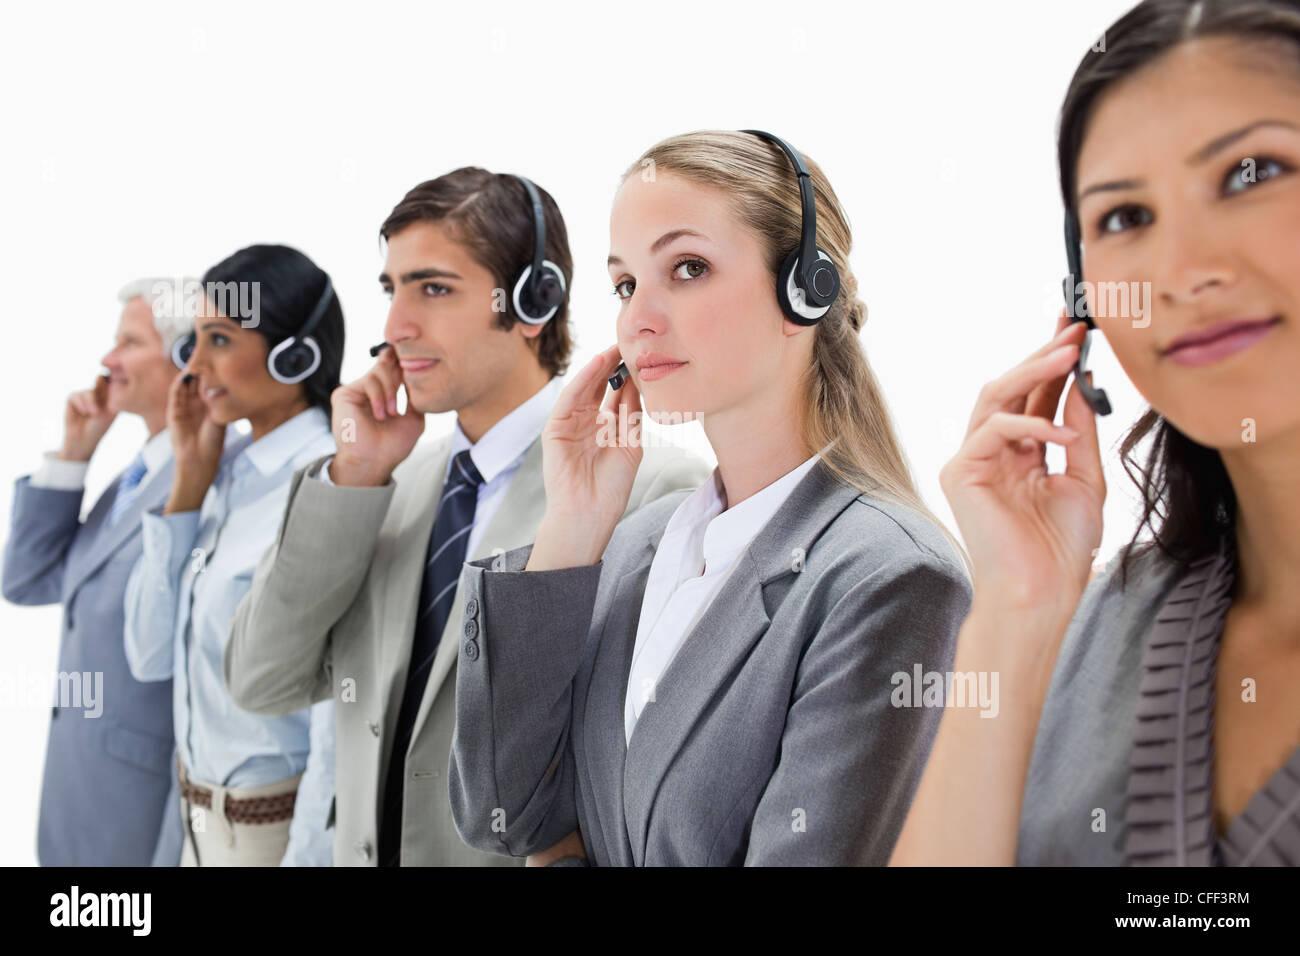 Professionisti ascoltando con attenzione Immagini Stock